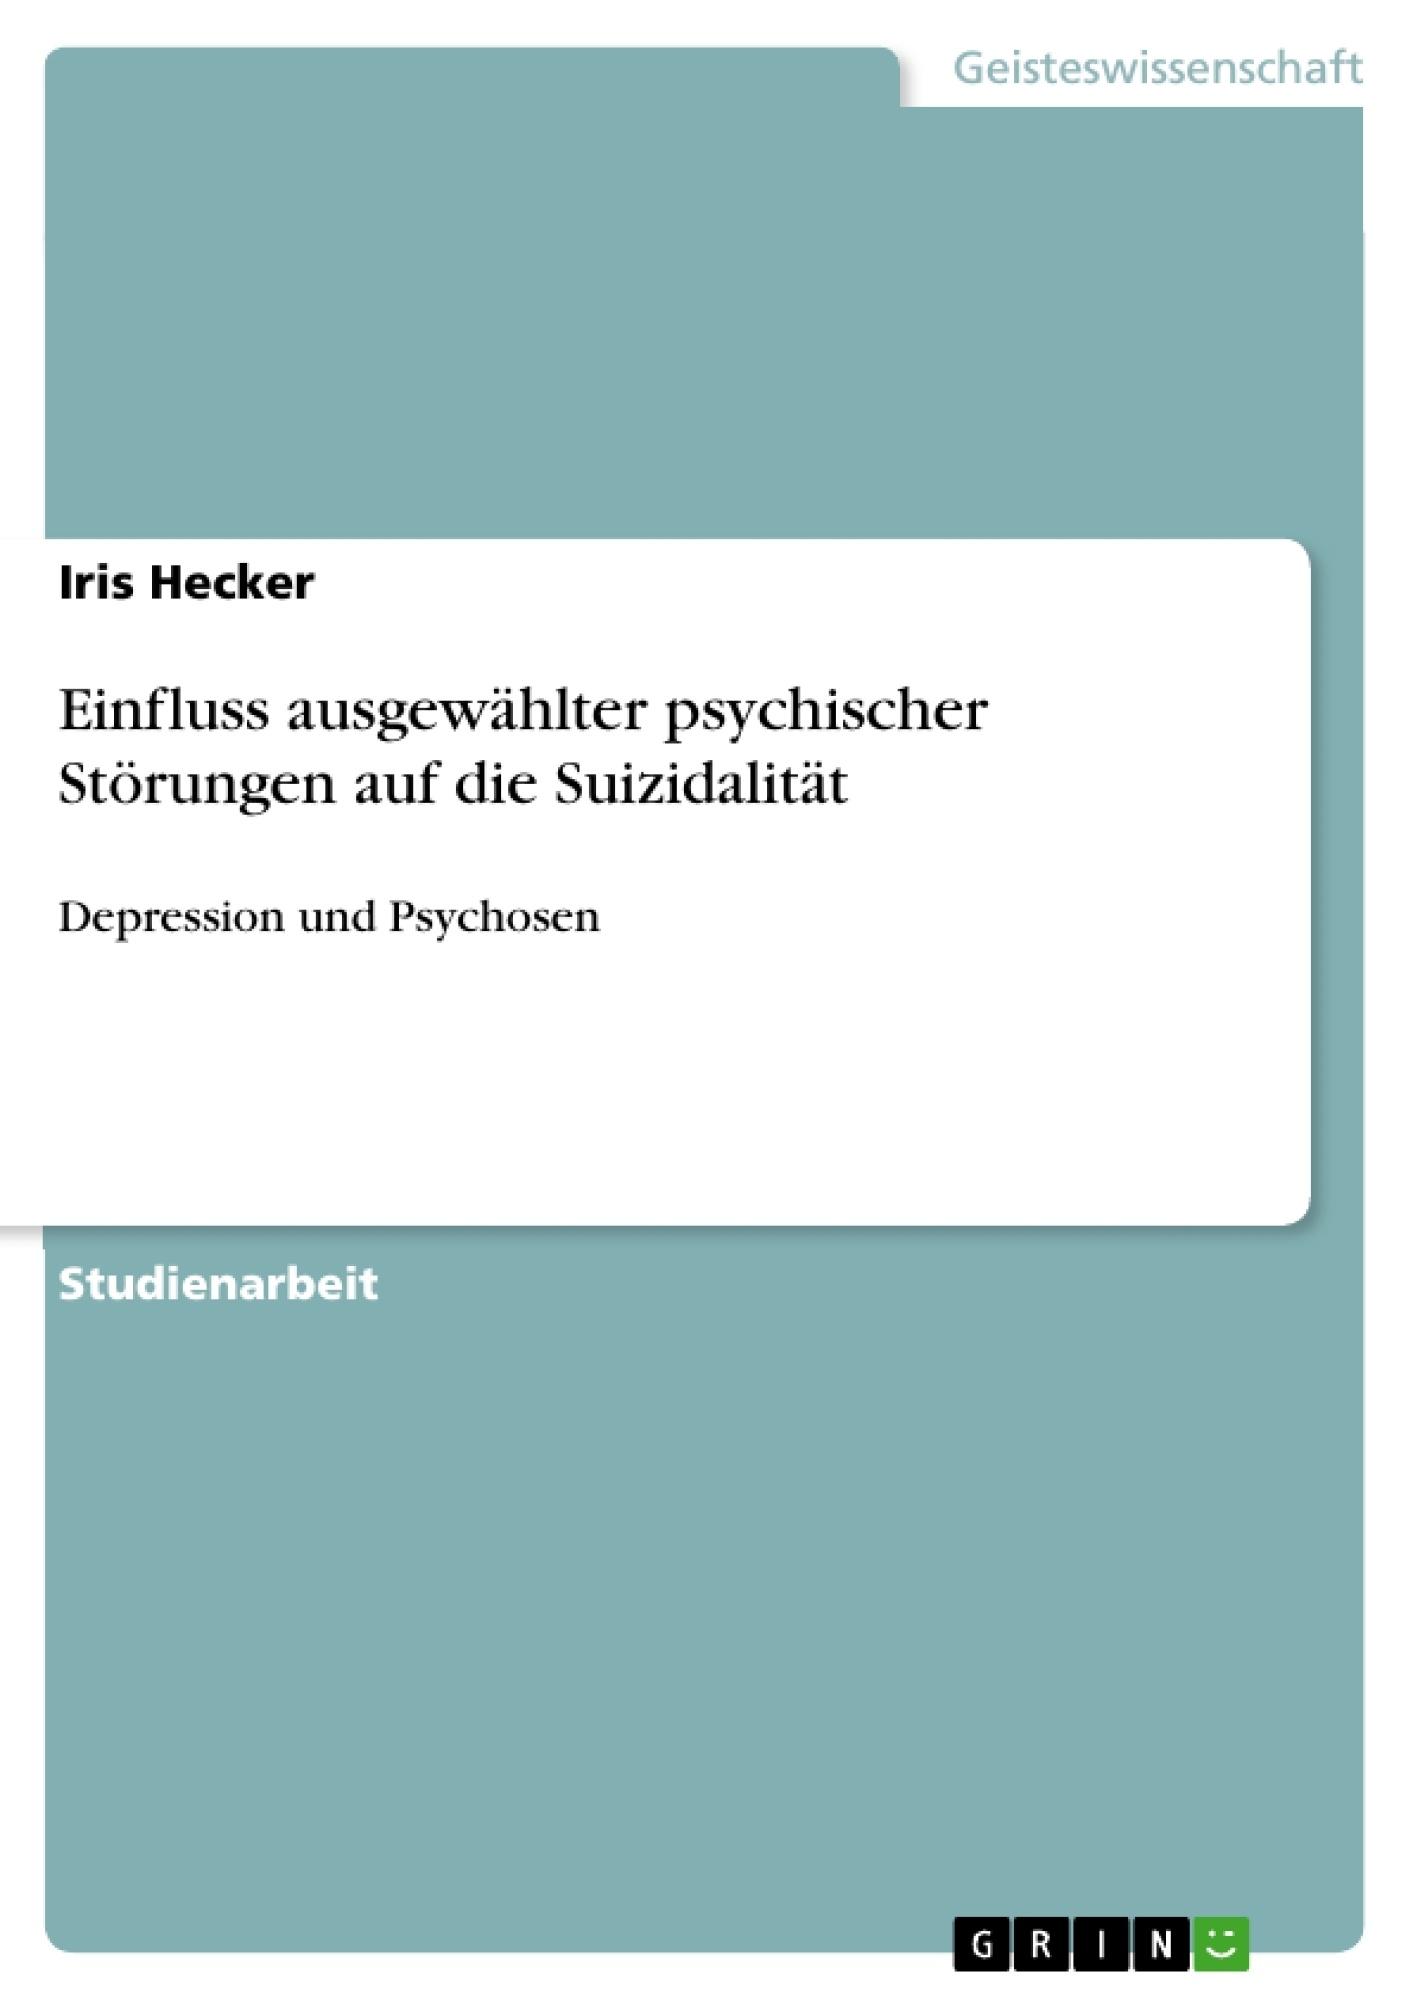 Titel: Einfluss ausgewählter psychischer Störungen auf die Suizidalität